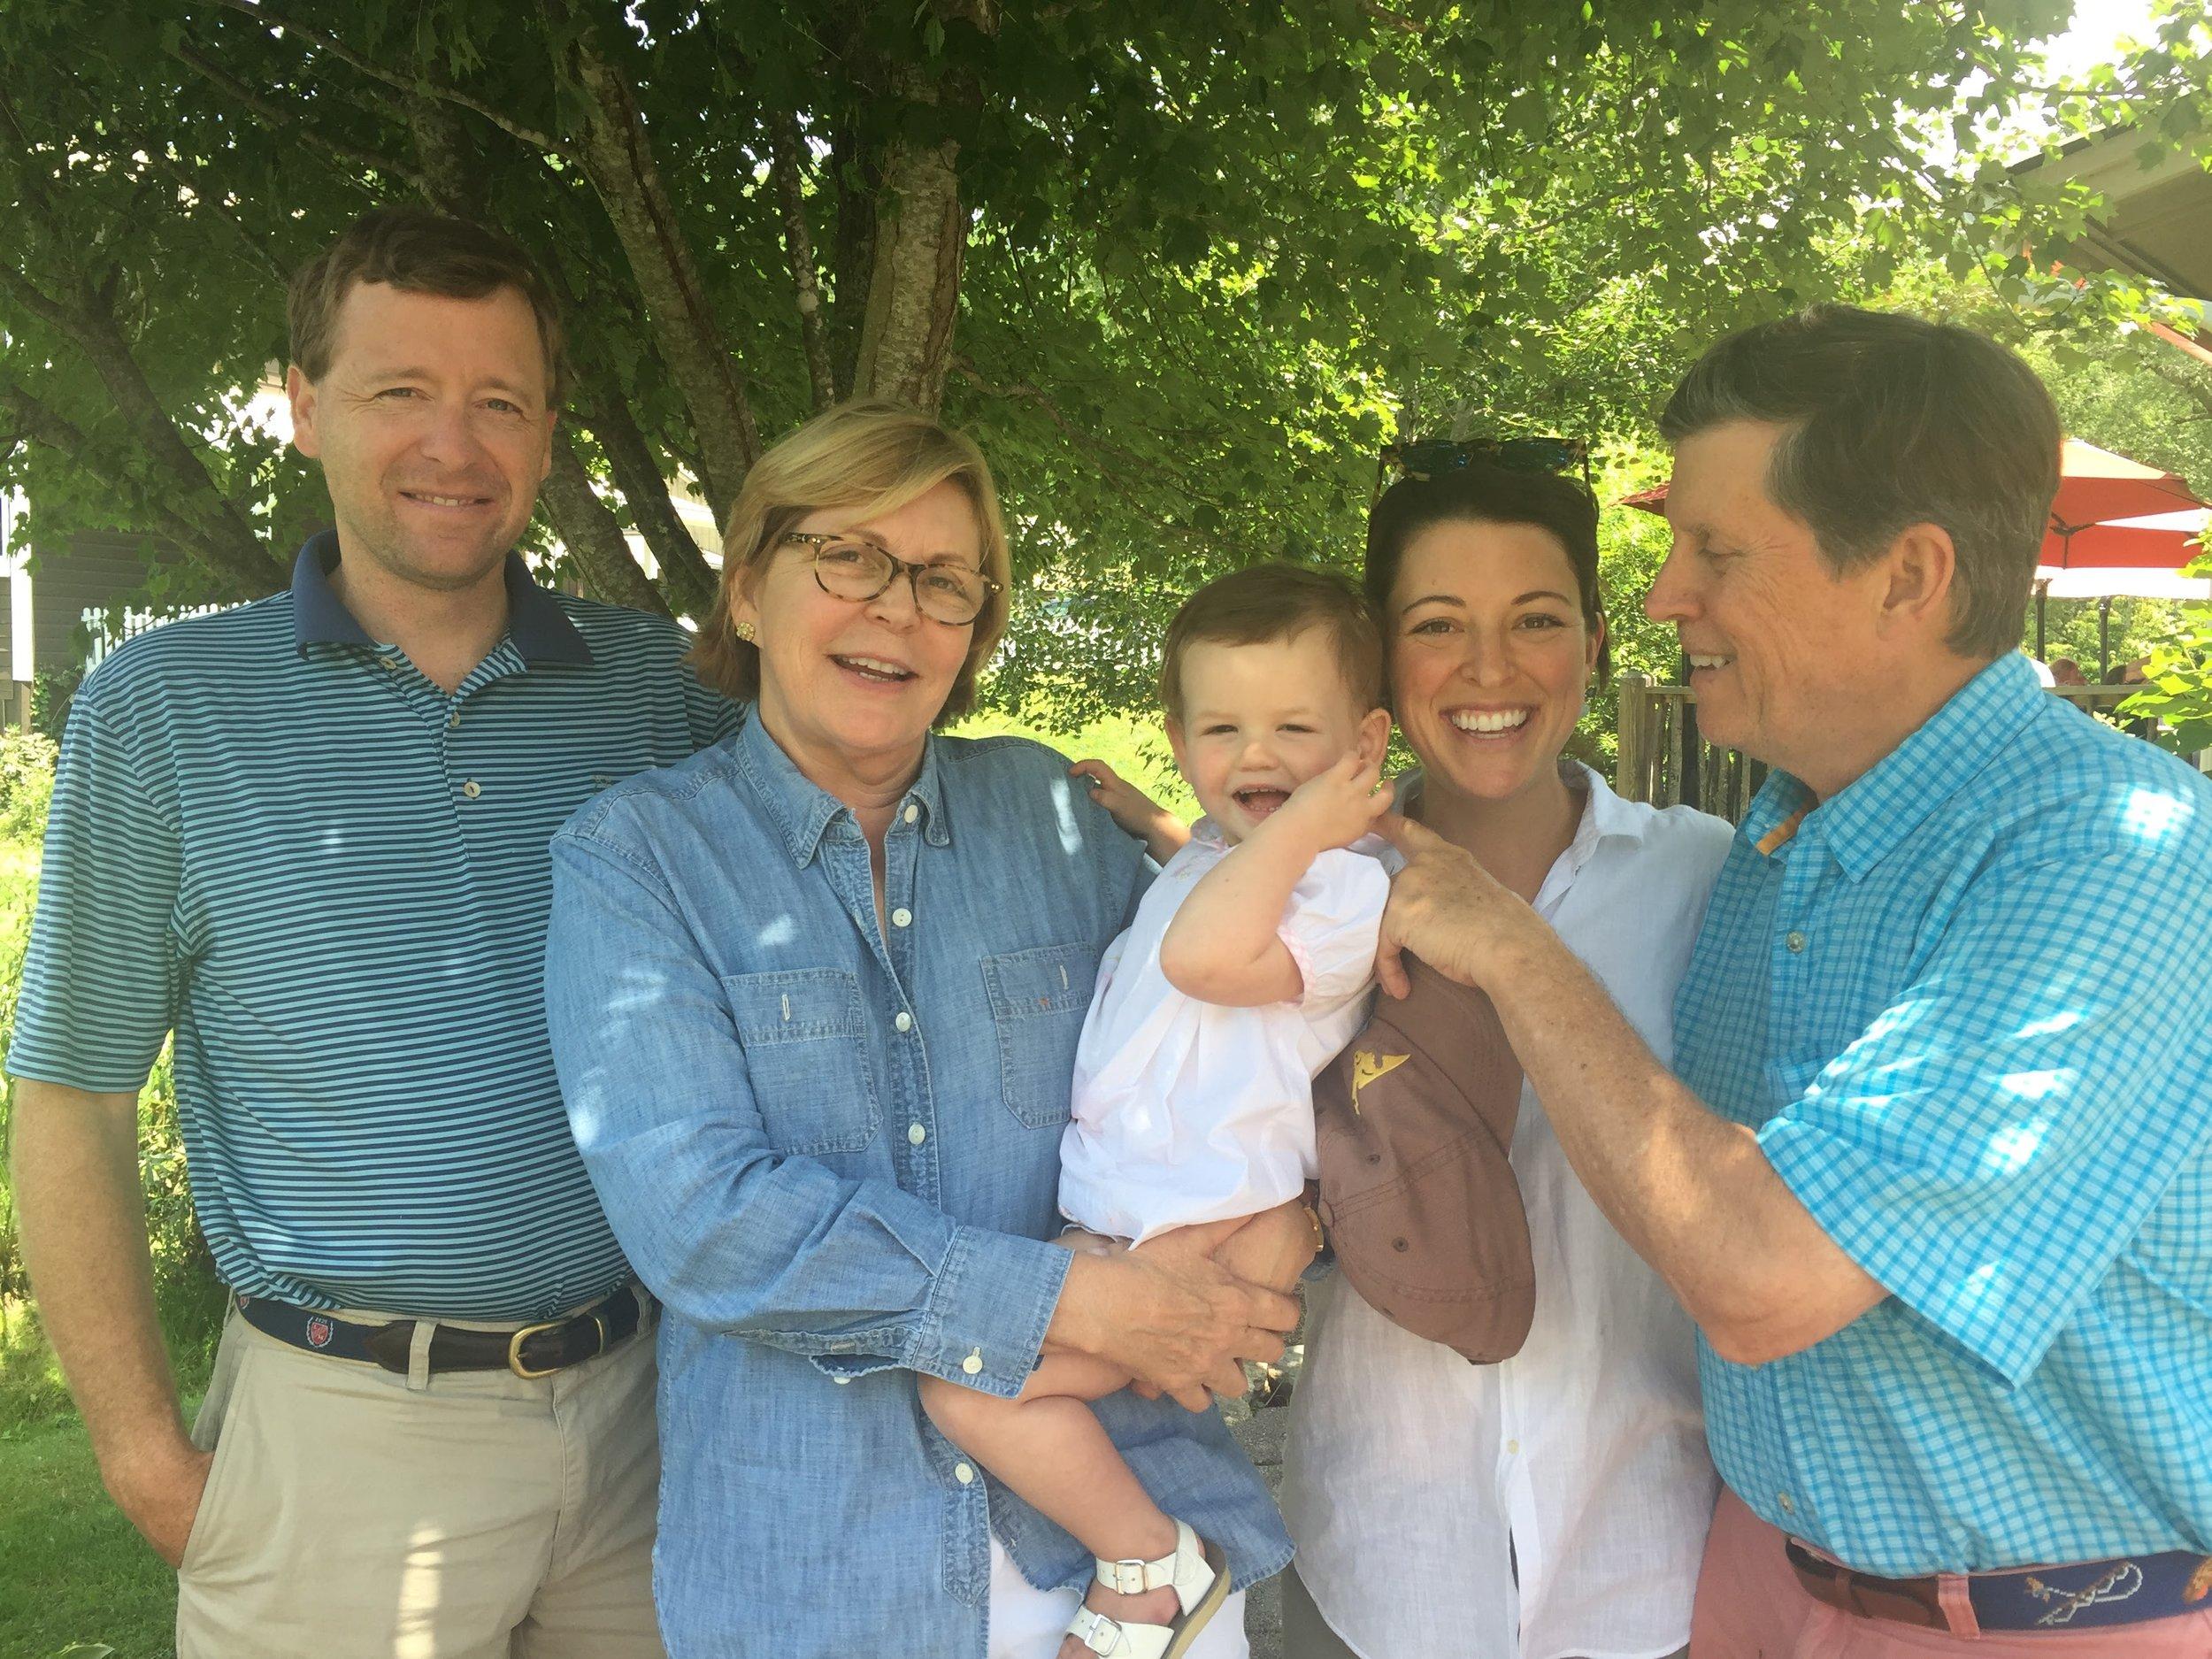 A fun day with Grandma and Grandpa